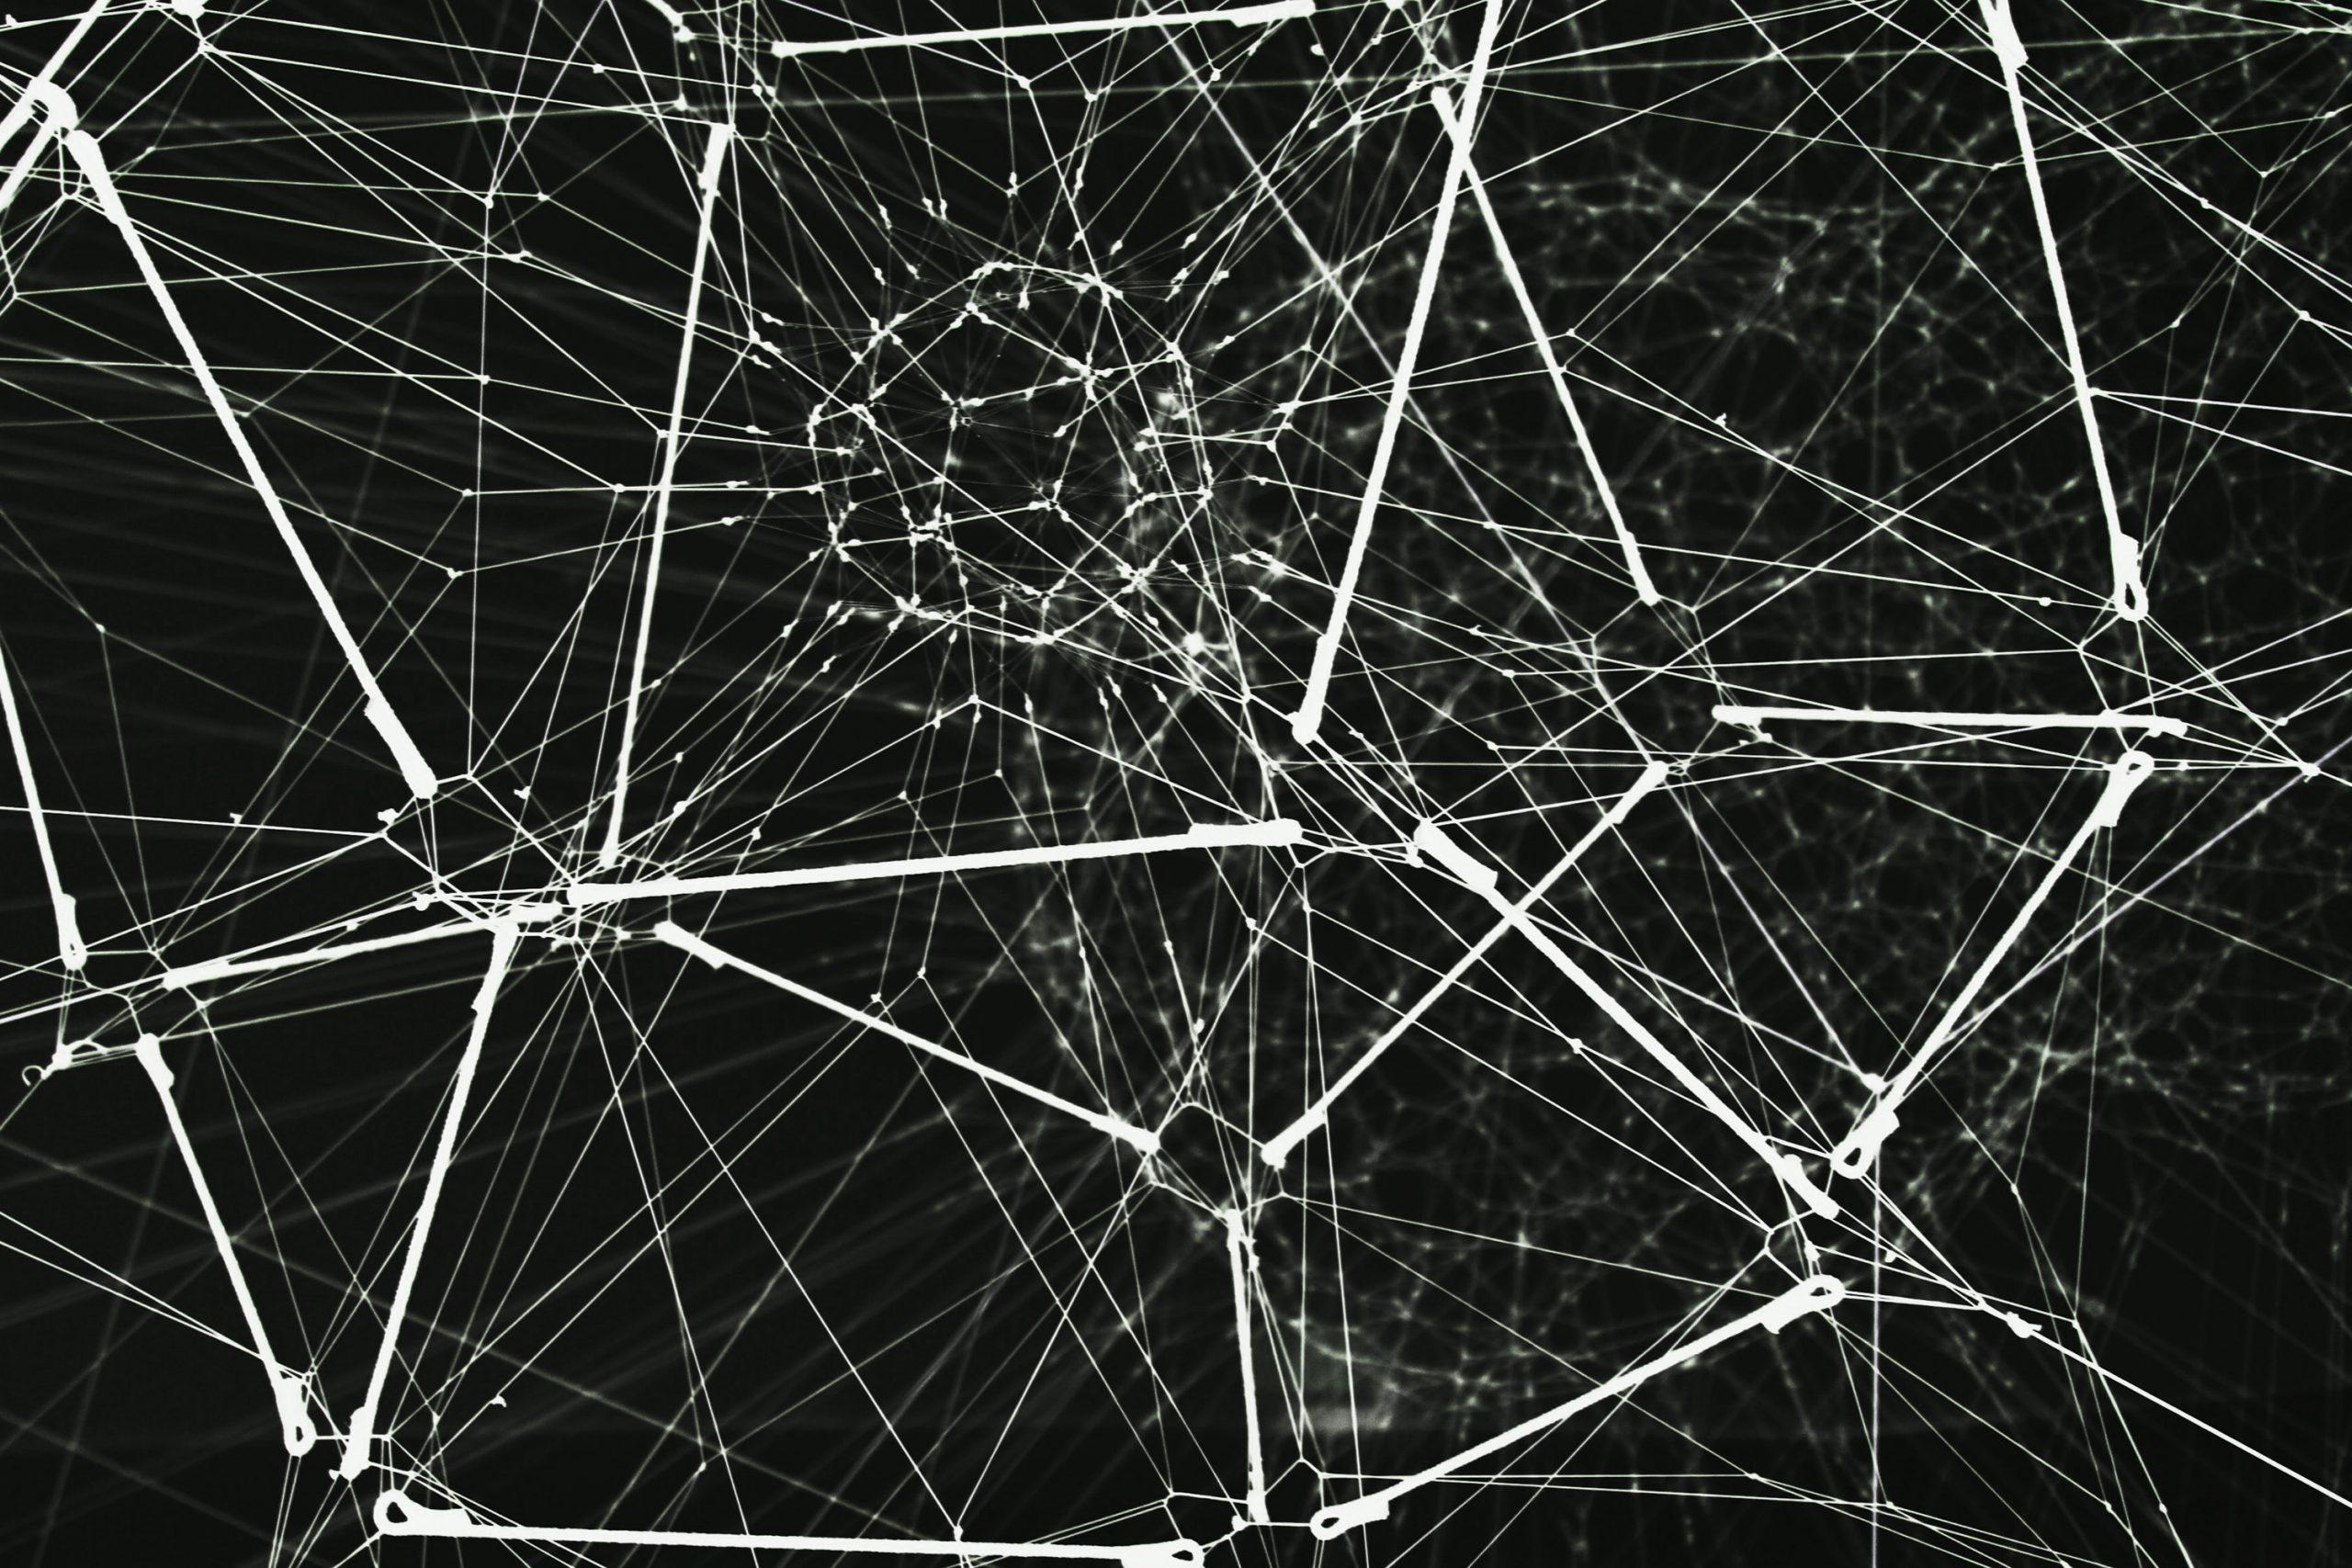 「インターネットを作り直す」ディフィニティが掲げる理想と野望